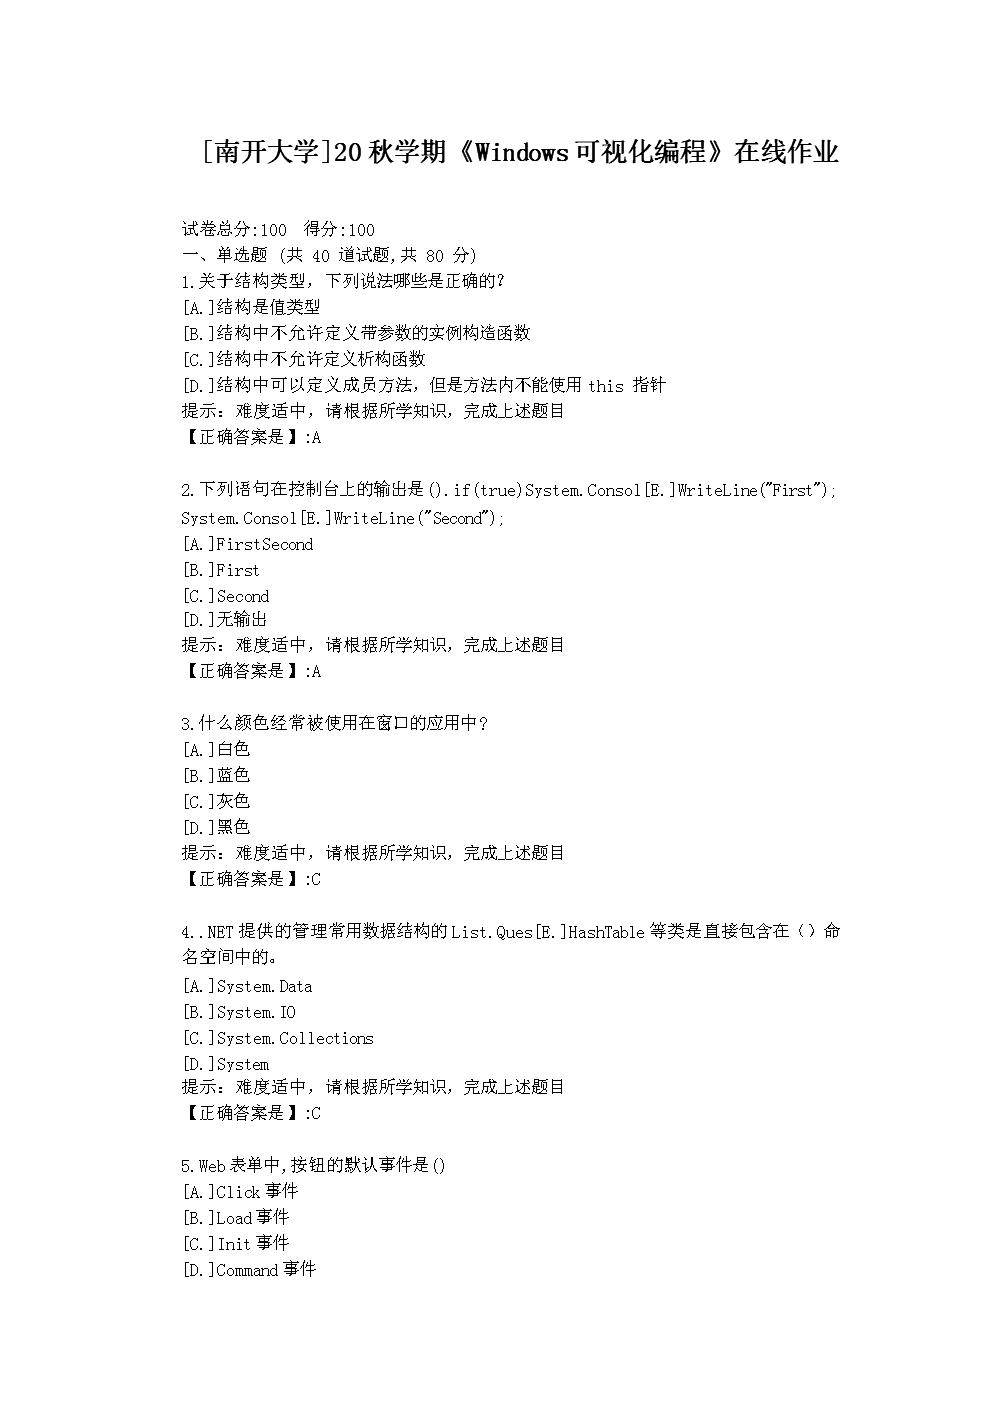 [南开大学]20秋学期《Windows可视化编程》在线作业-辅导材料答案1.doc